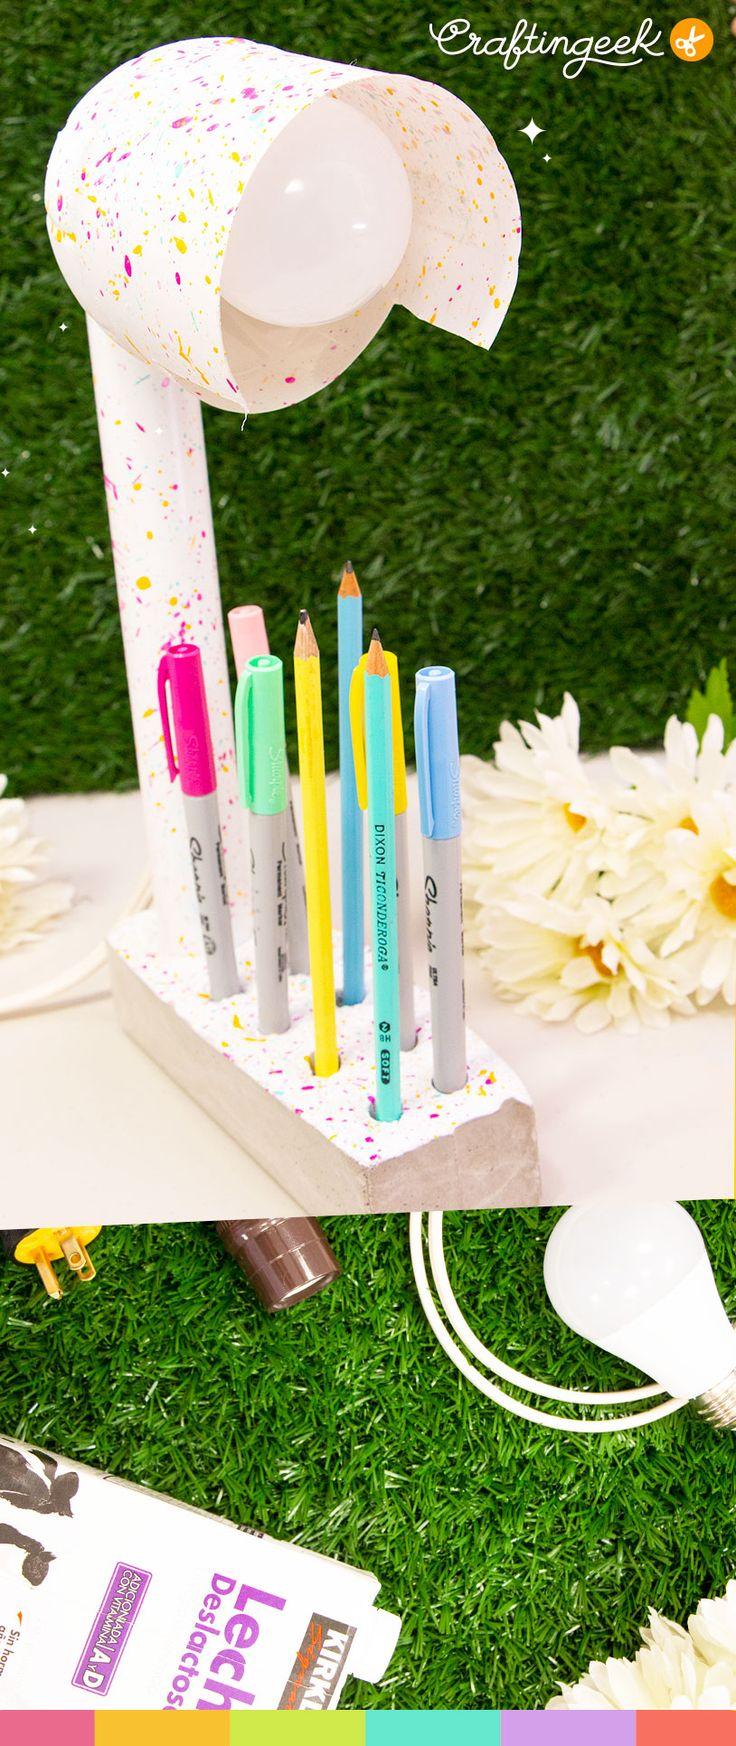 Lampara con materiales reciclados Diy Arts And Crafts, Hobbies, Creative, Crayons, Minis, Design, Adidas, Random, School